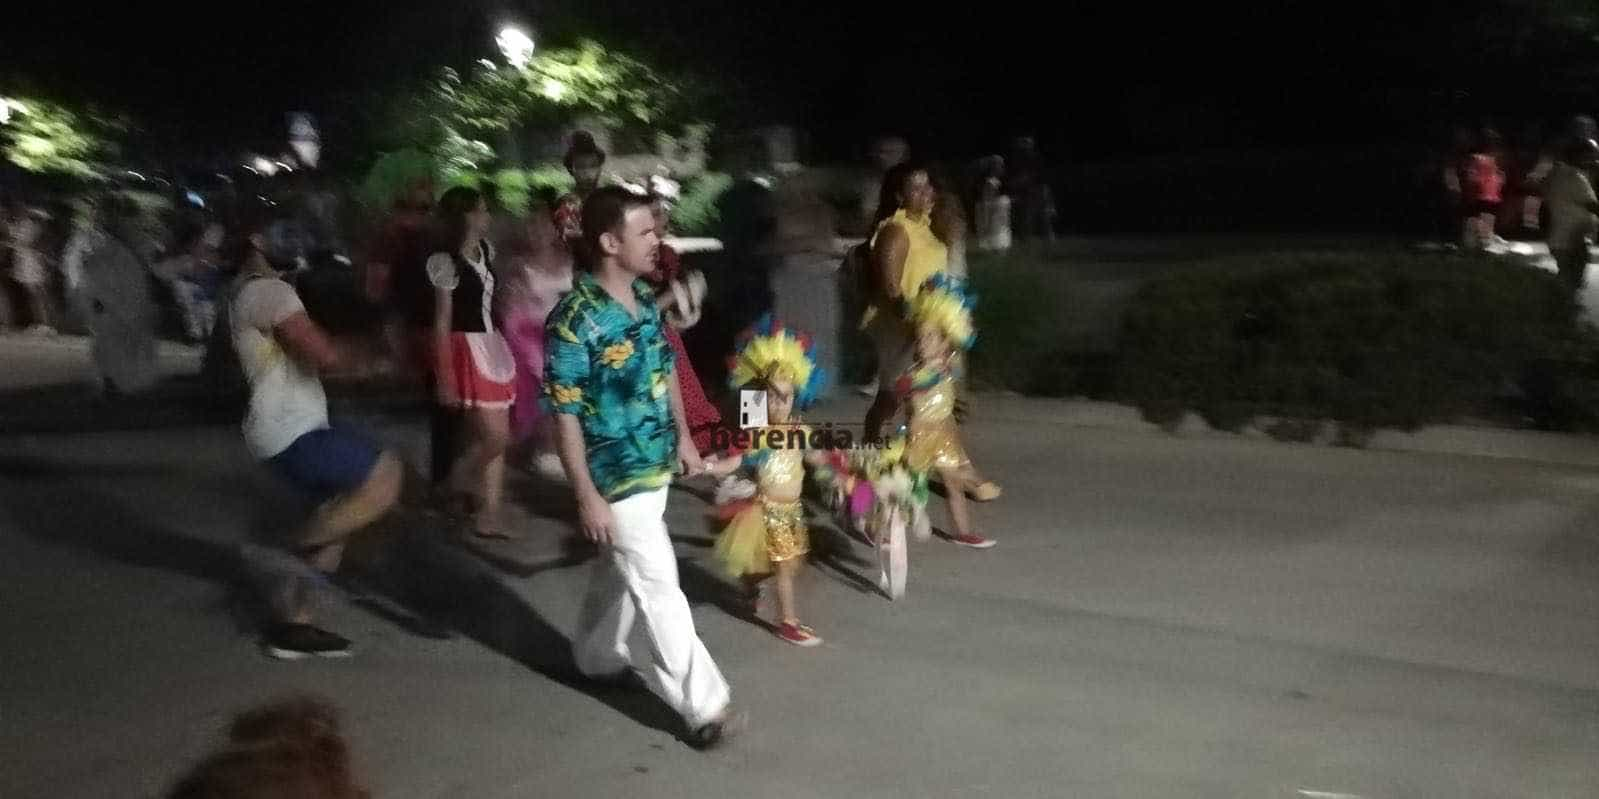 Galería de fotografías del Carnaval de Verano 2019 196